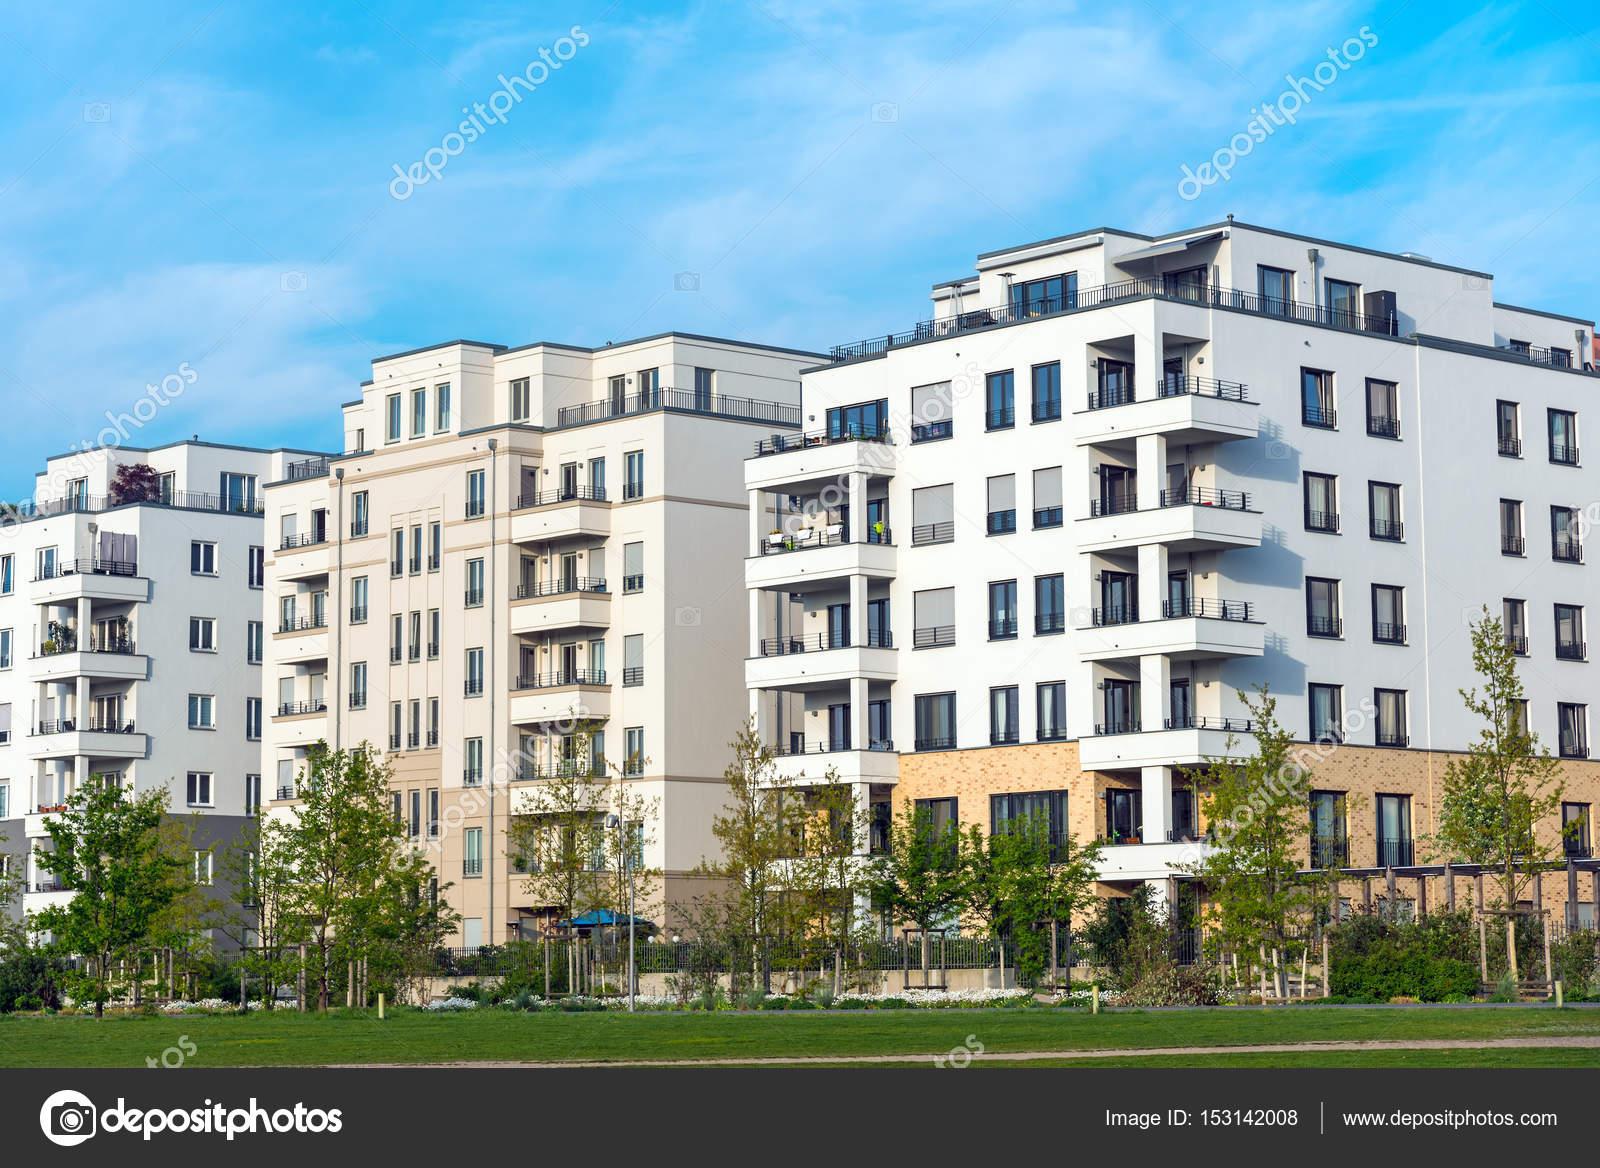 Neubaugebiet Mit Neuen Häusern U2014 Stockfoto